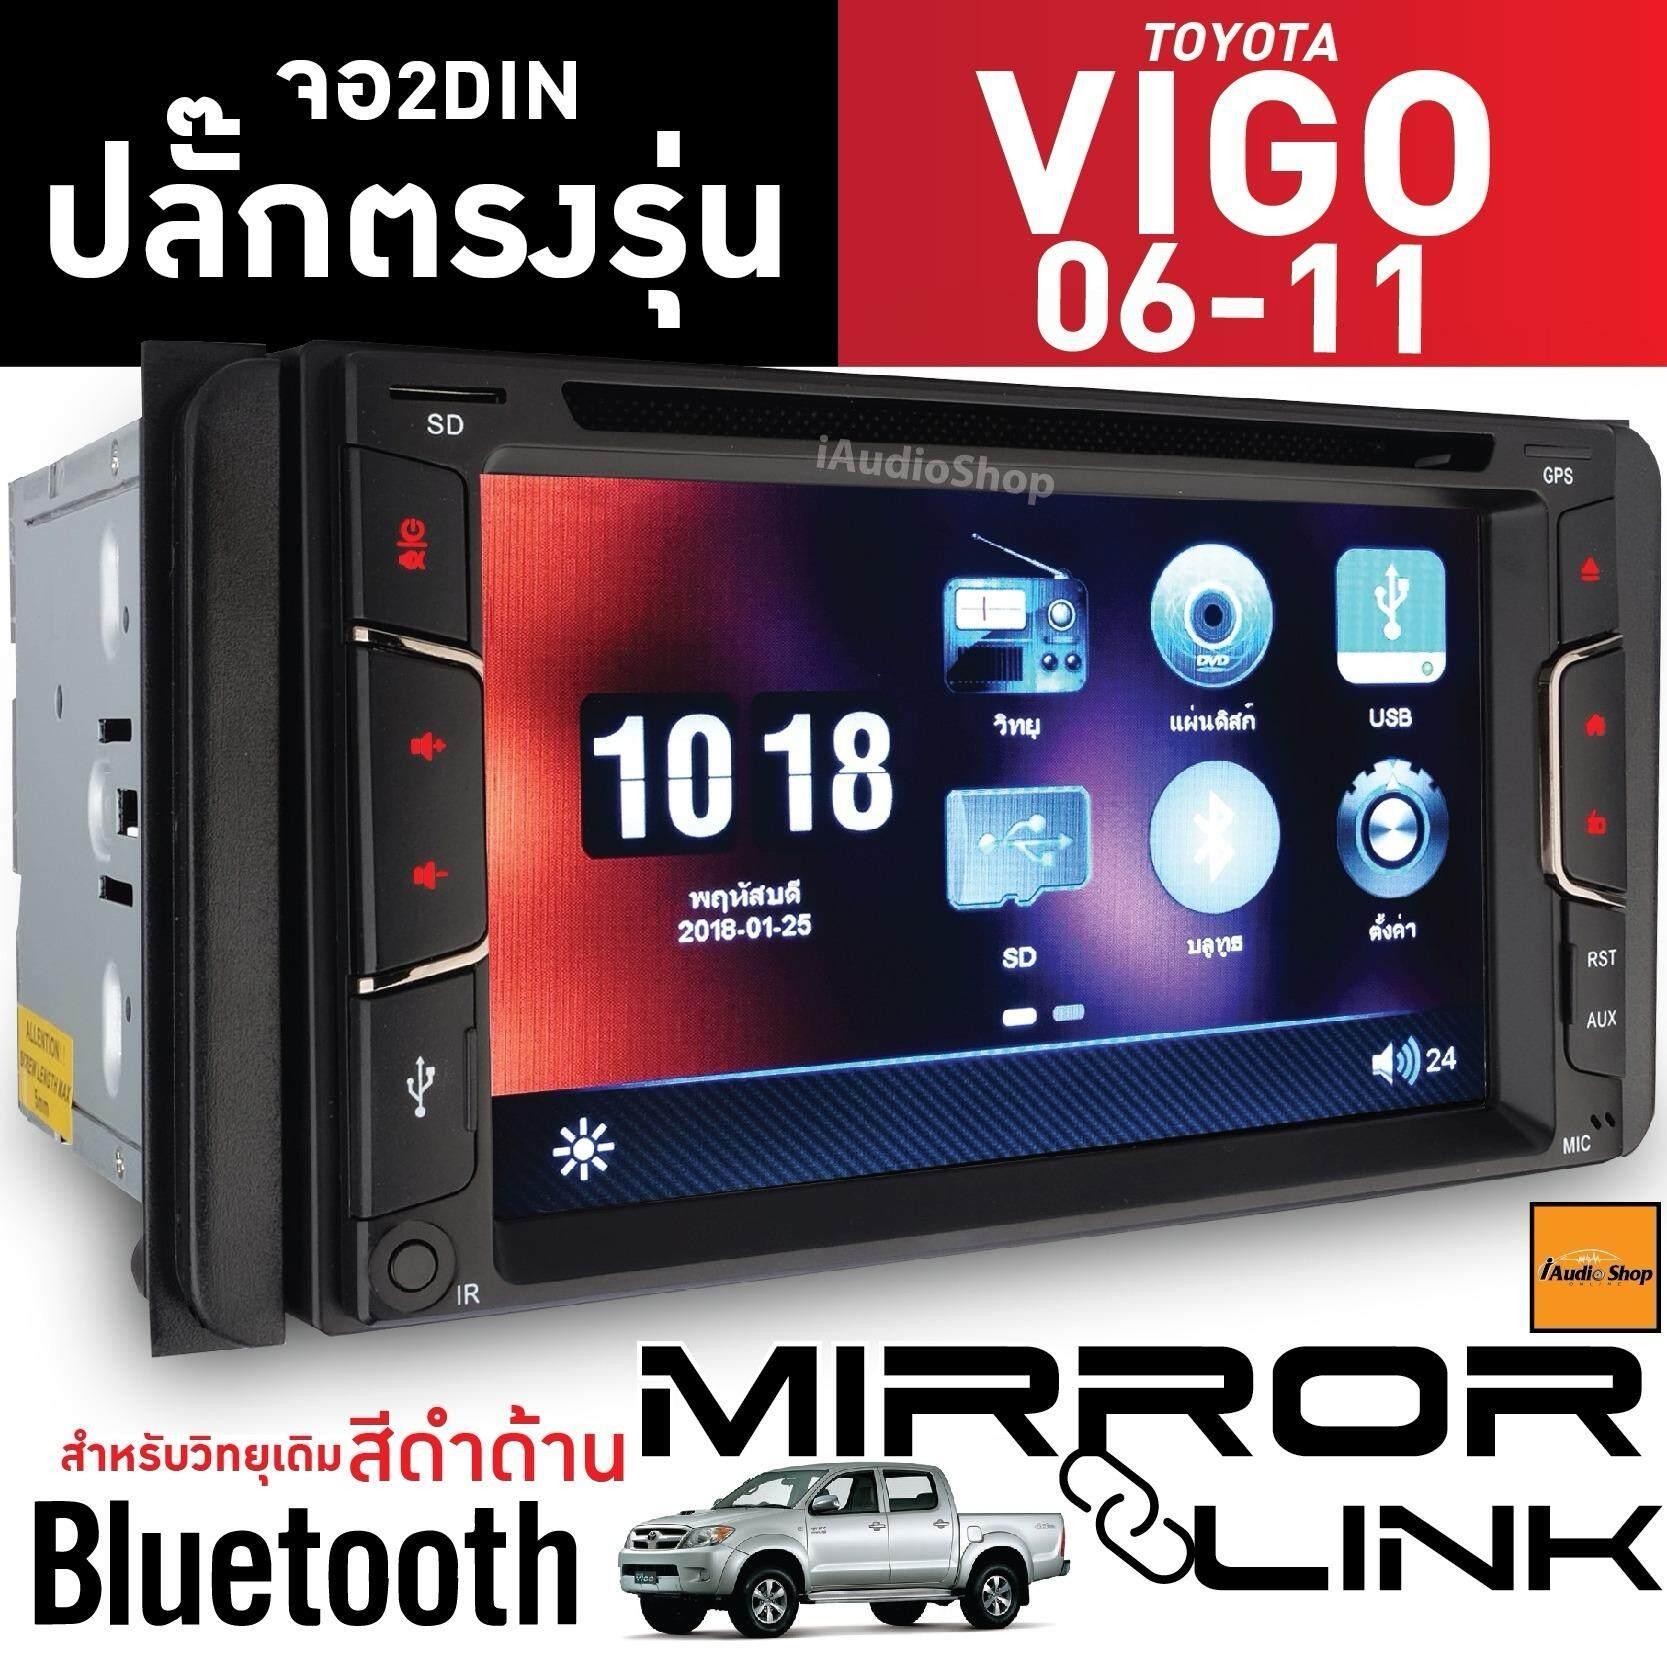 ส่วนลด สินค้า Black Magic ปลั๊กตรงรุ่น ระบบมิลเลอร์ลิงค์ วิทยุติดรถยนต์ จอติดรถยนต์ จอ2Din วิทยุ2Din เครื่องเสียงรถยนต์ Bmg 6517 Mirror Link พร้อมประกับข้างวิทยุ โตโยต้า วีโก้ Toyota Vigo Cd 06 11 ปลั๊กตรงรุ่นไม่ต้องตัดต่อสายไฟ สำหรับวิทยุเดิมเป็นสีดำด้าน